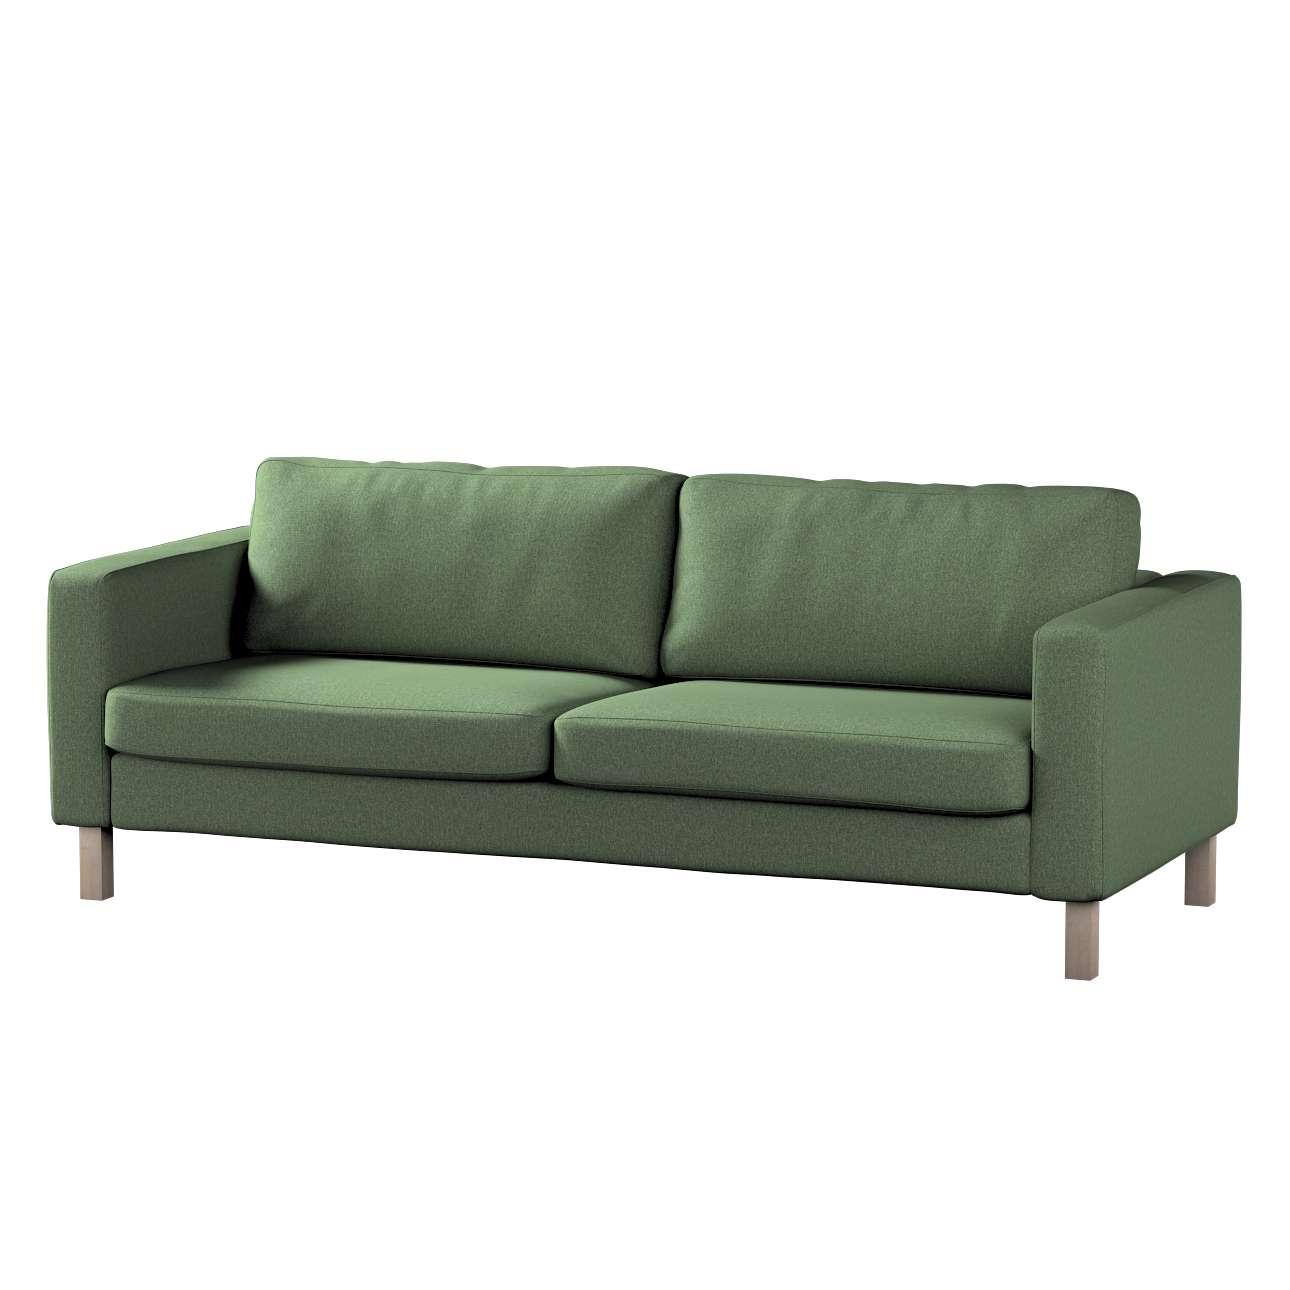 Pokrowiec na sofę Karlstad rozkładaną w kolekcji Amsterdam, tkanina: 704-44